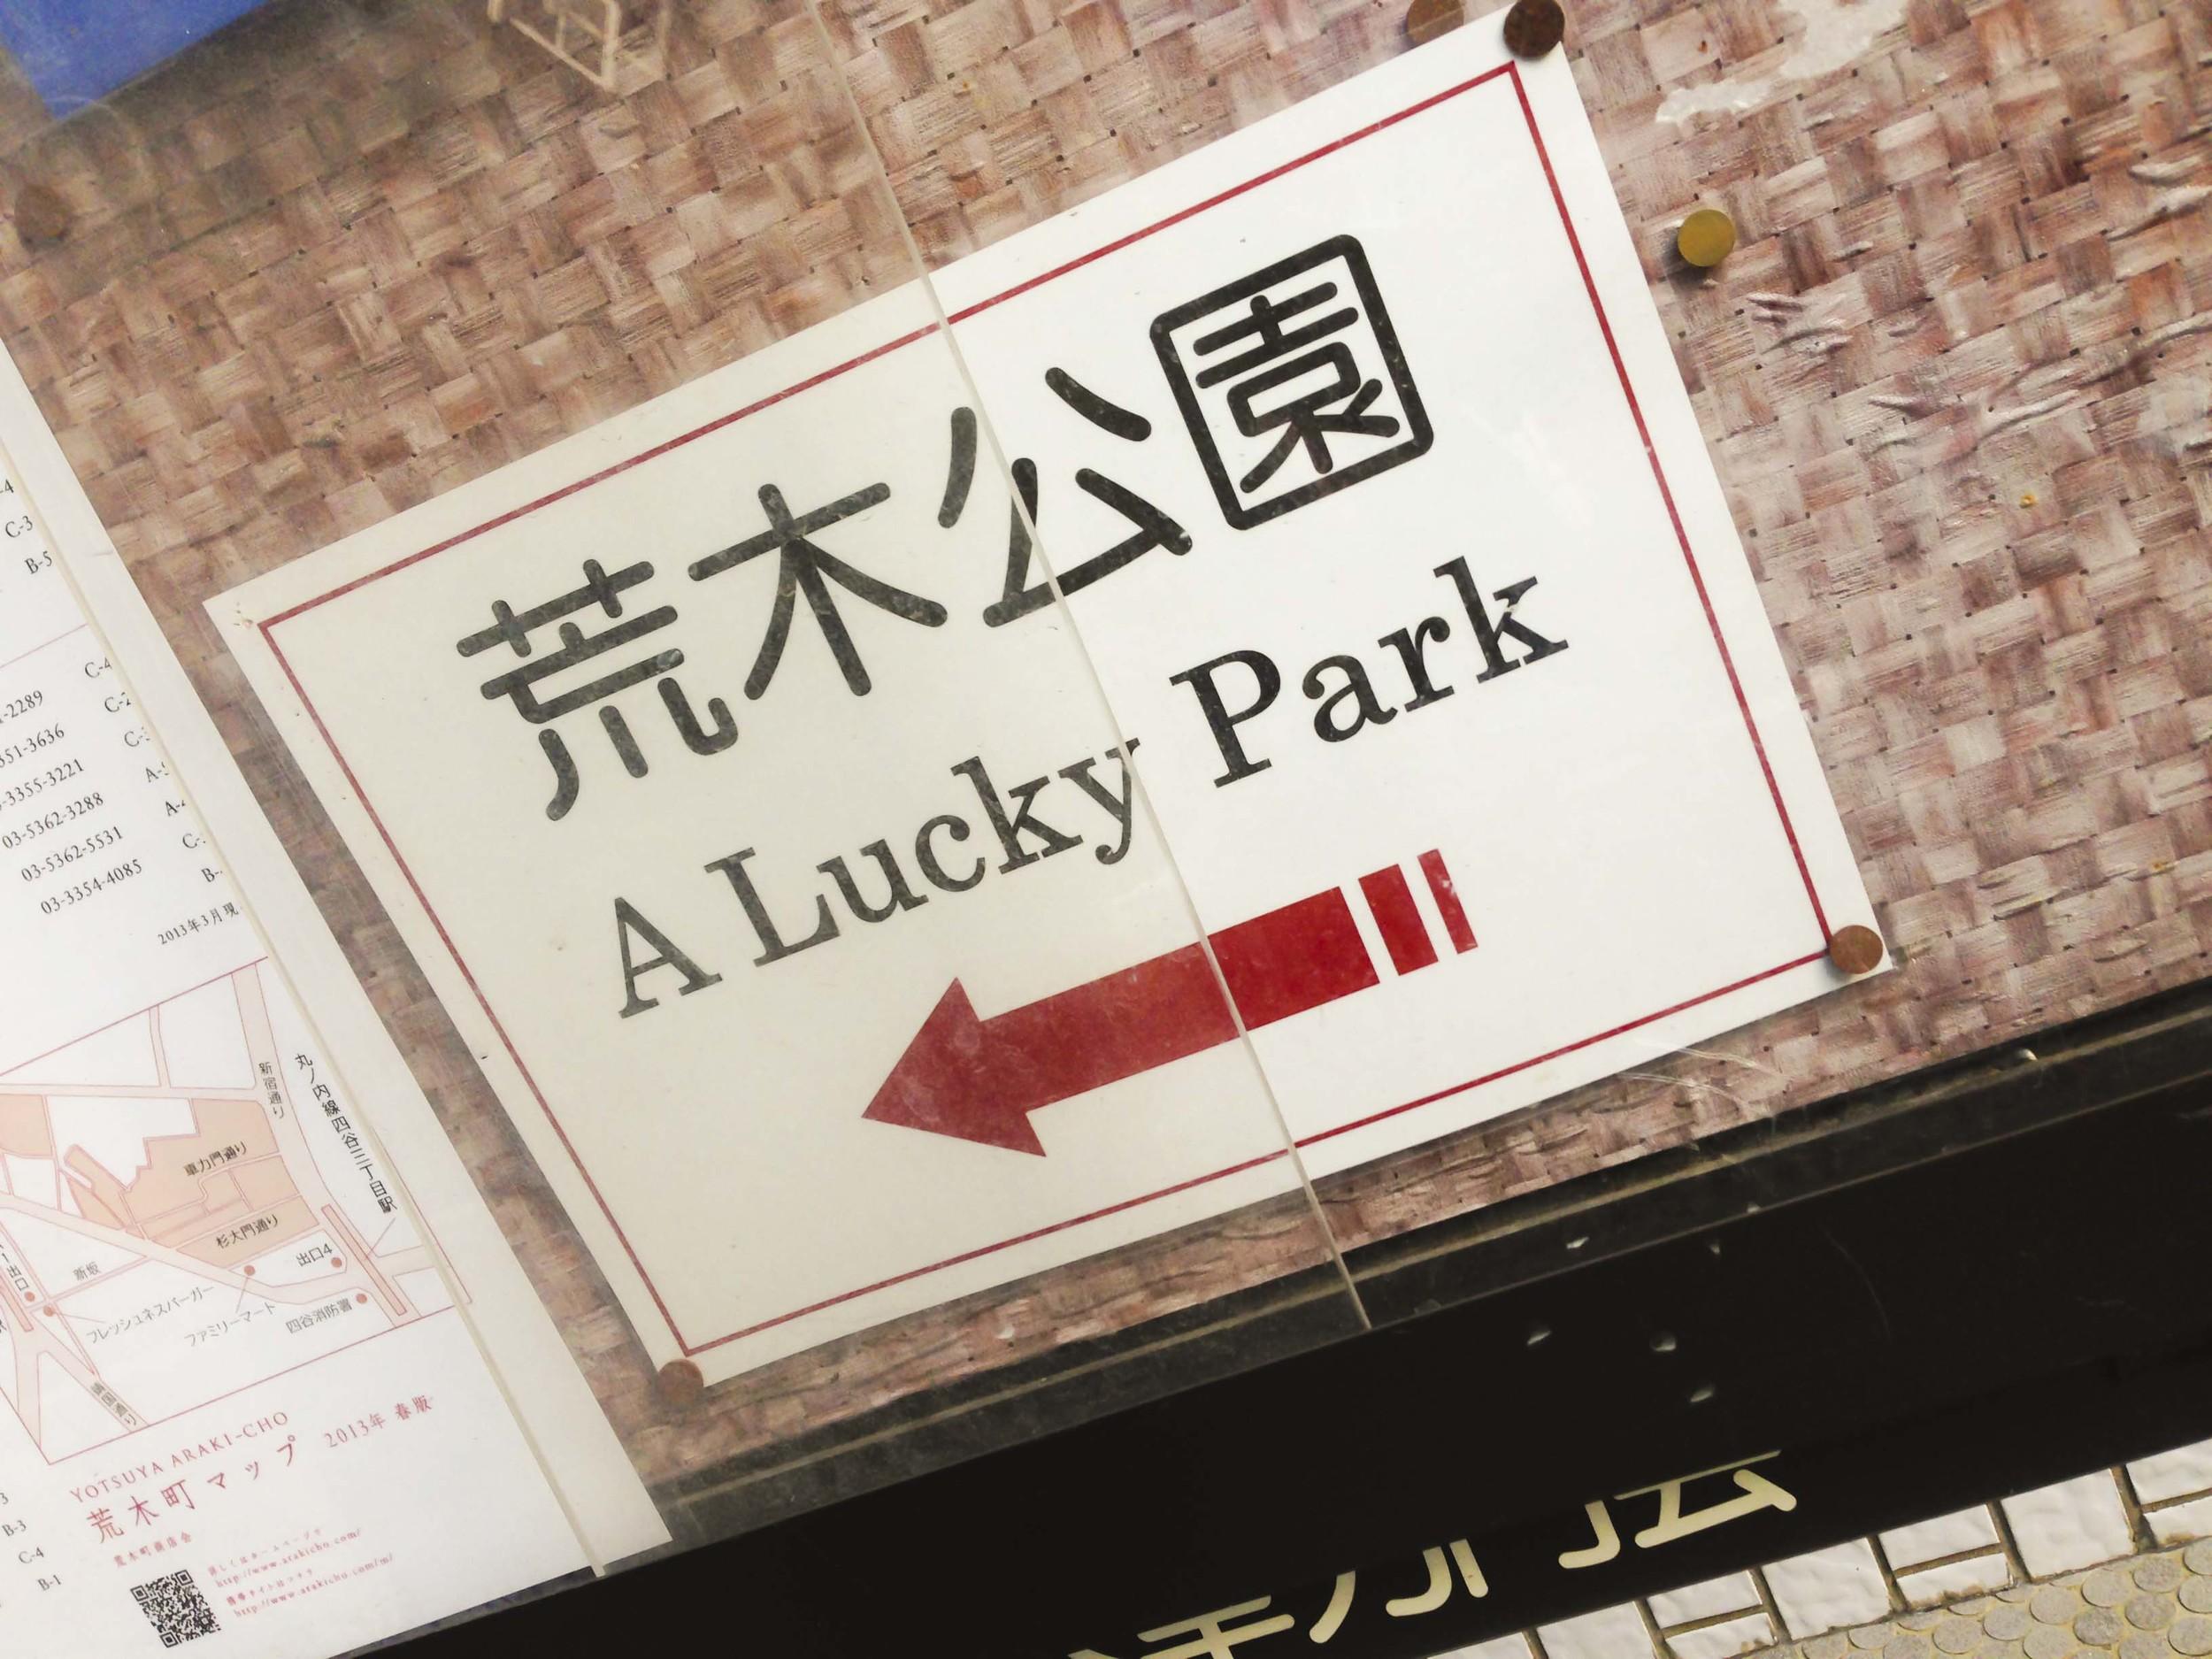 """Araki park is translated as """"A Lucky Park."""" Love their sense."""